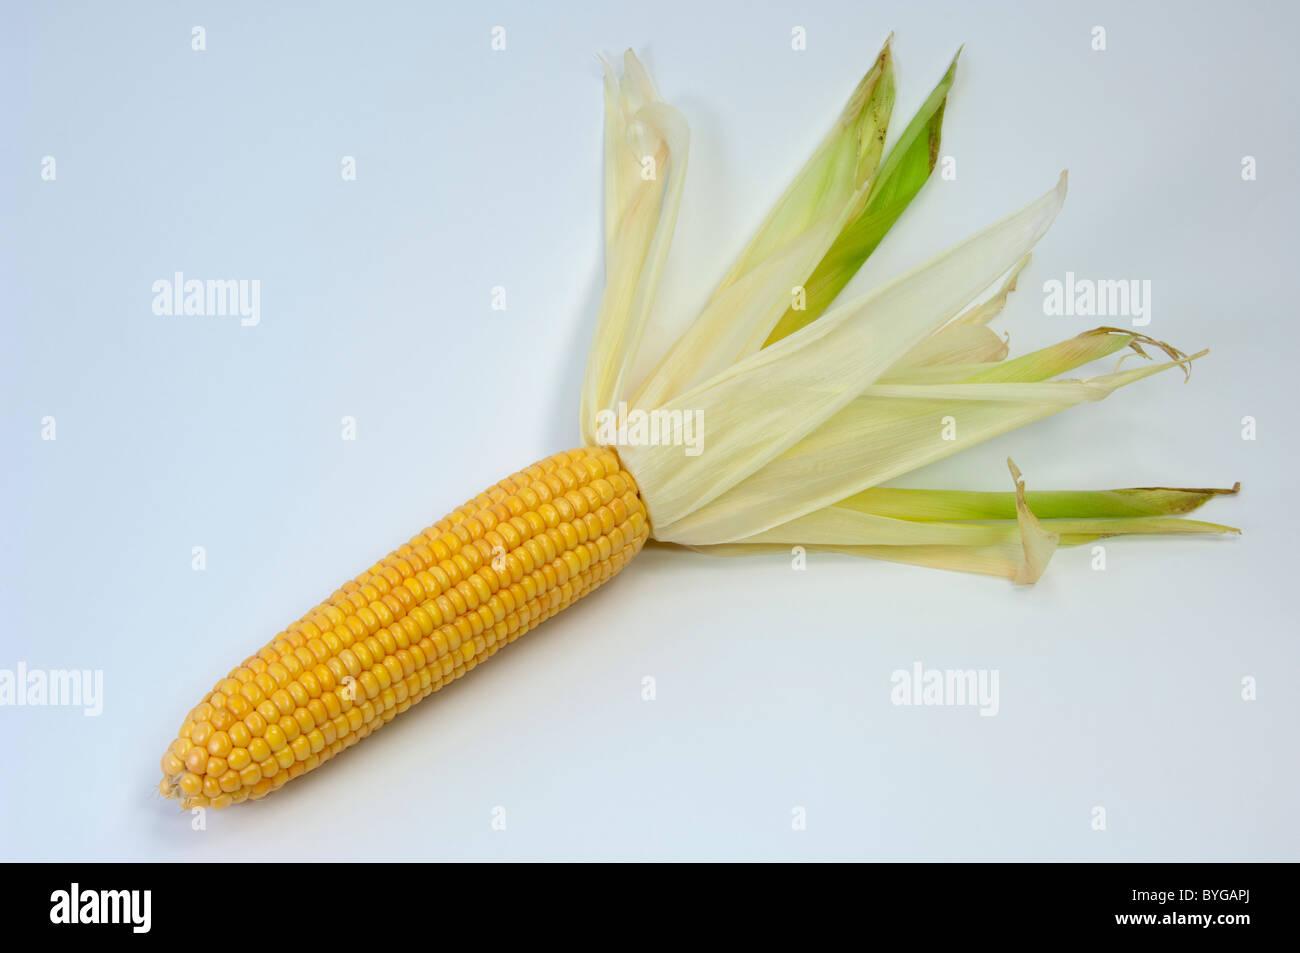 Le maïs, le maïs (Zea mays). De rafles de mûres. Studio photo sur un fond blanc. Photo Stock